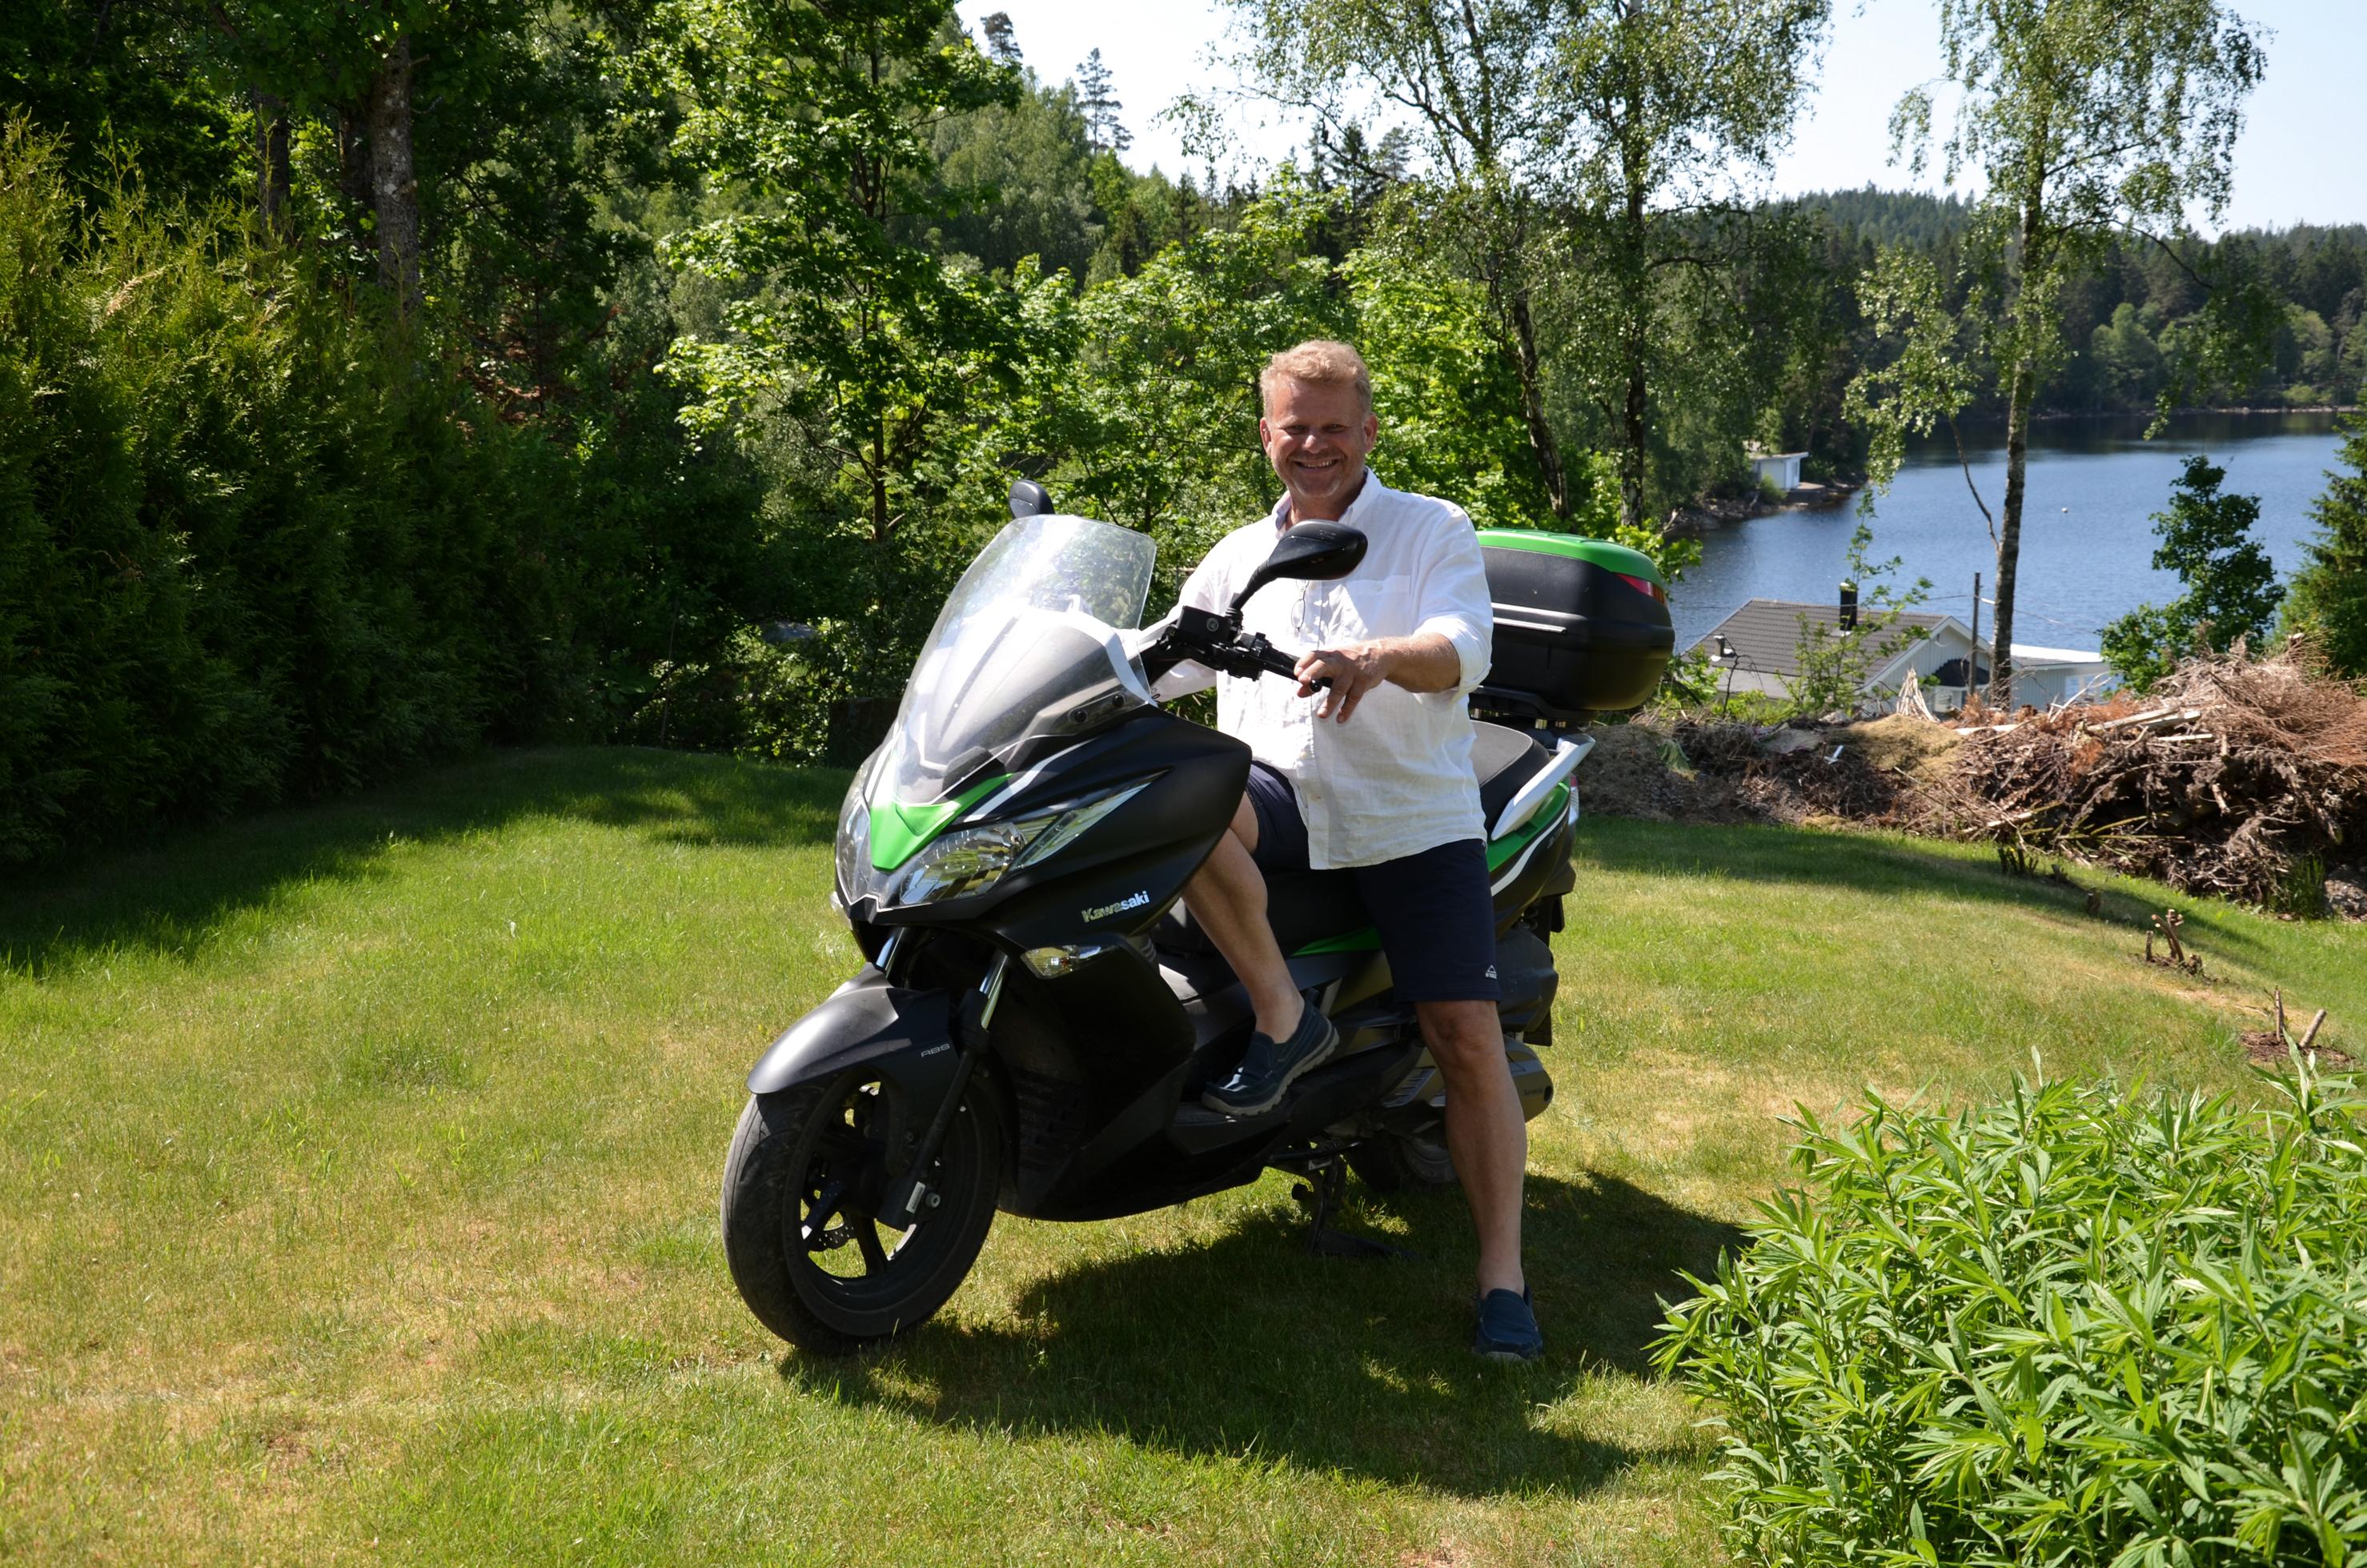 Trafikskola moped körkort AM Bollebygd Alingsås Borås Ulricehamn Lerum Mark Härryda